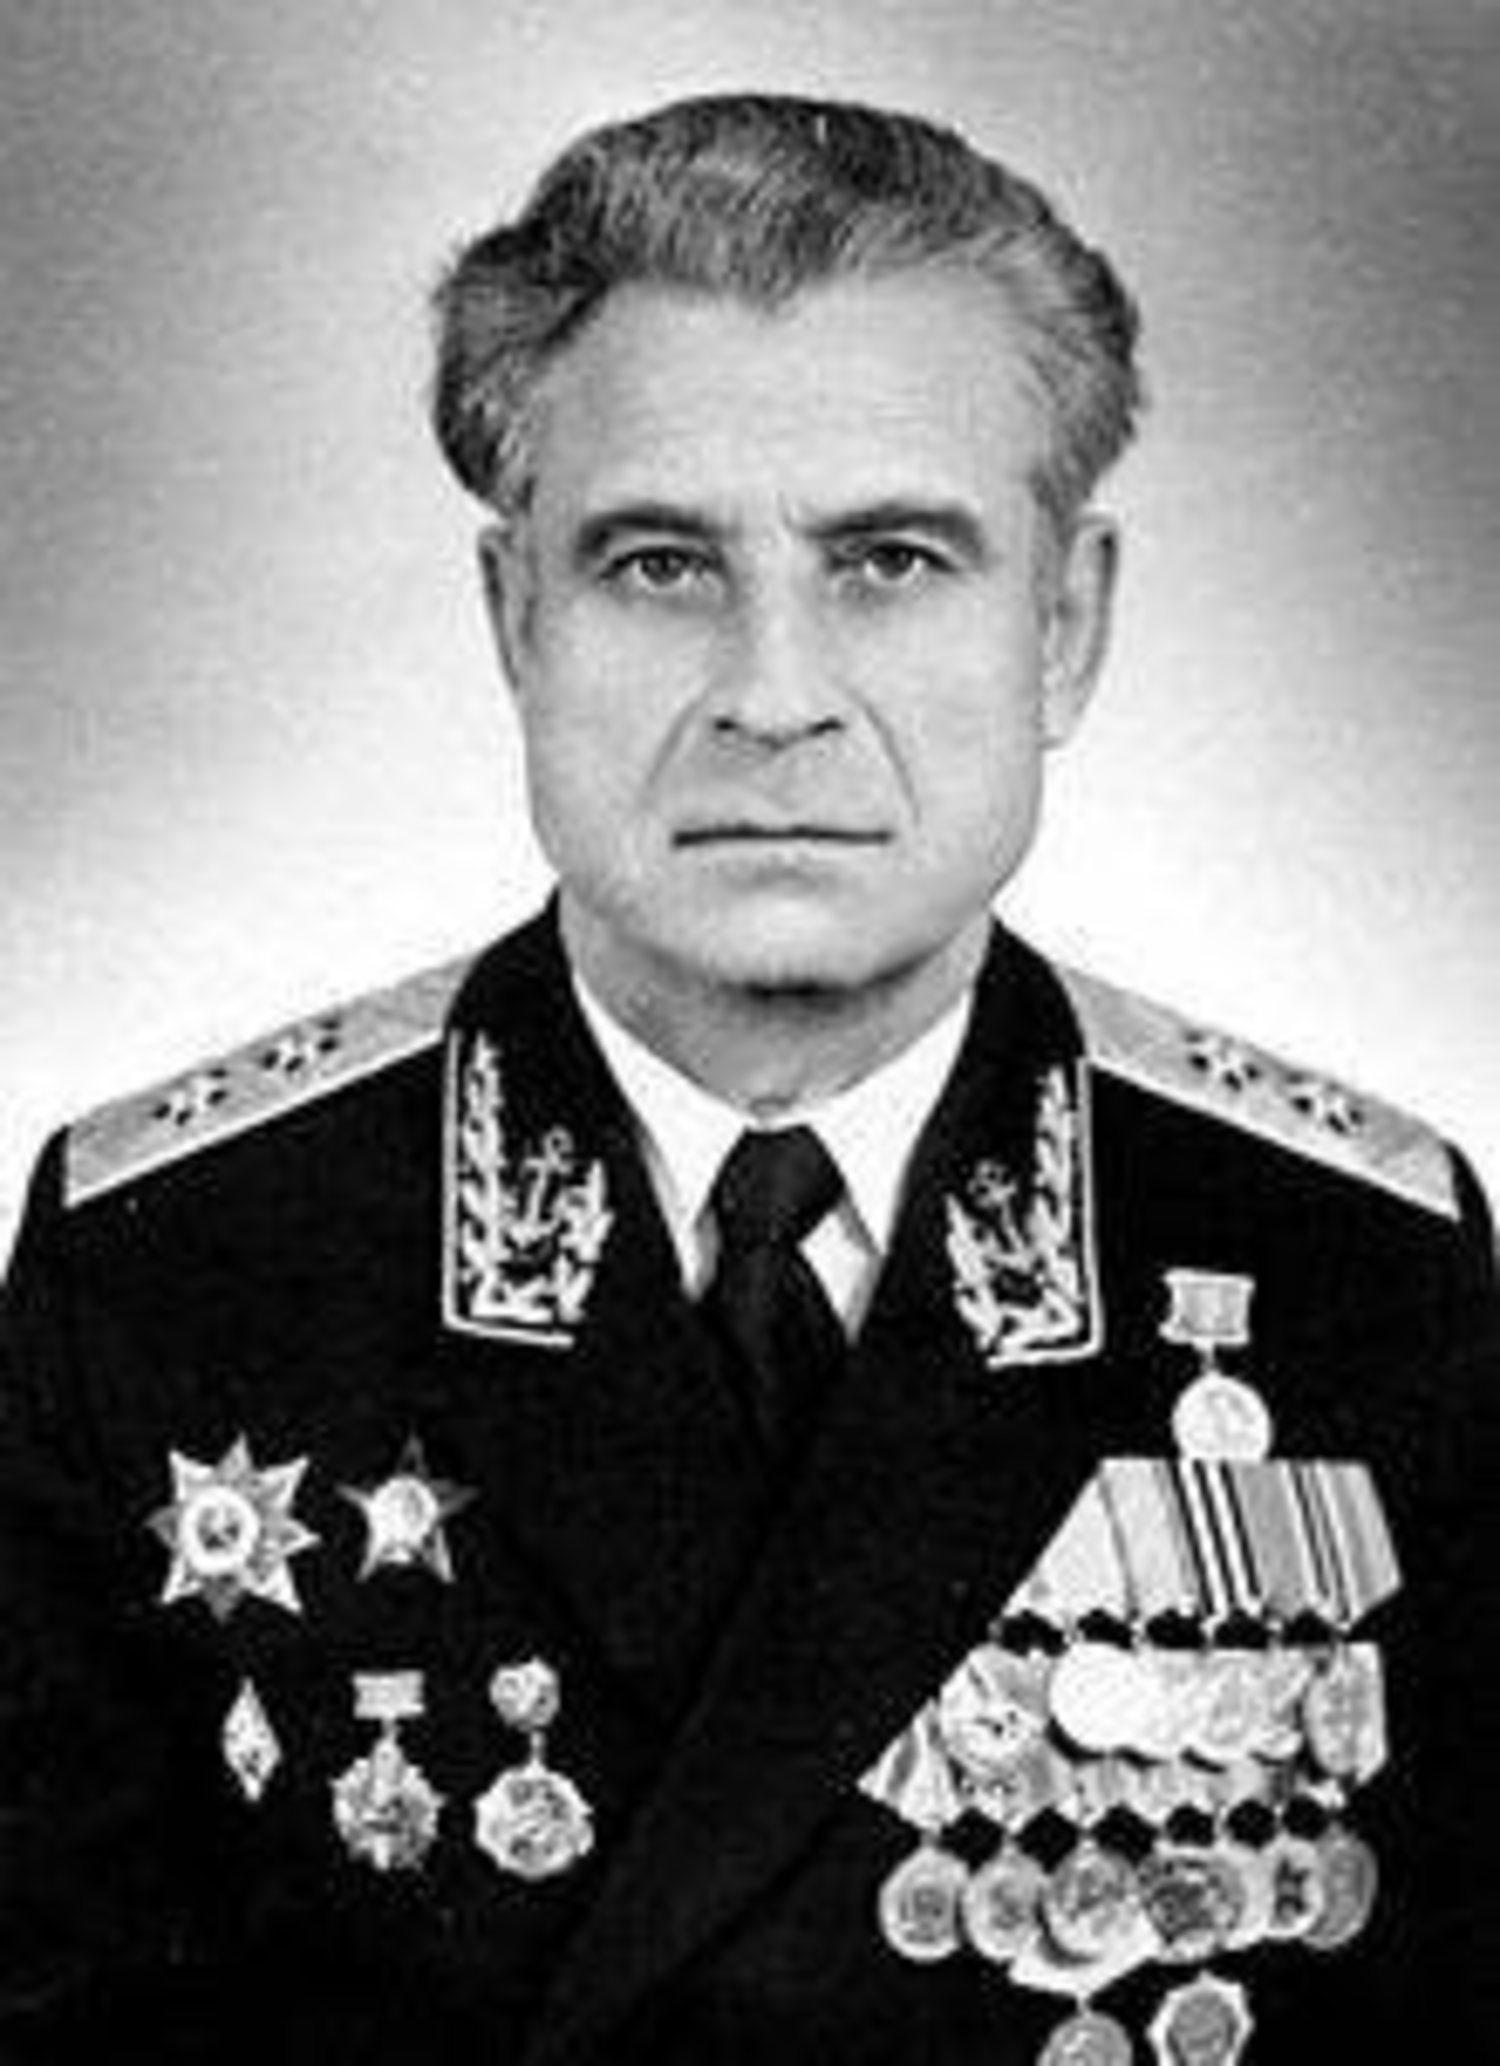 Vasili Arkhipov rechazó proceder al lanzamiento de los torpedos nucleares, evitando así el inicio de la III Guerra Mundial.